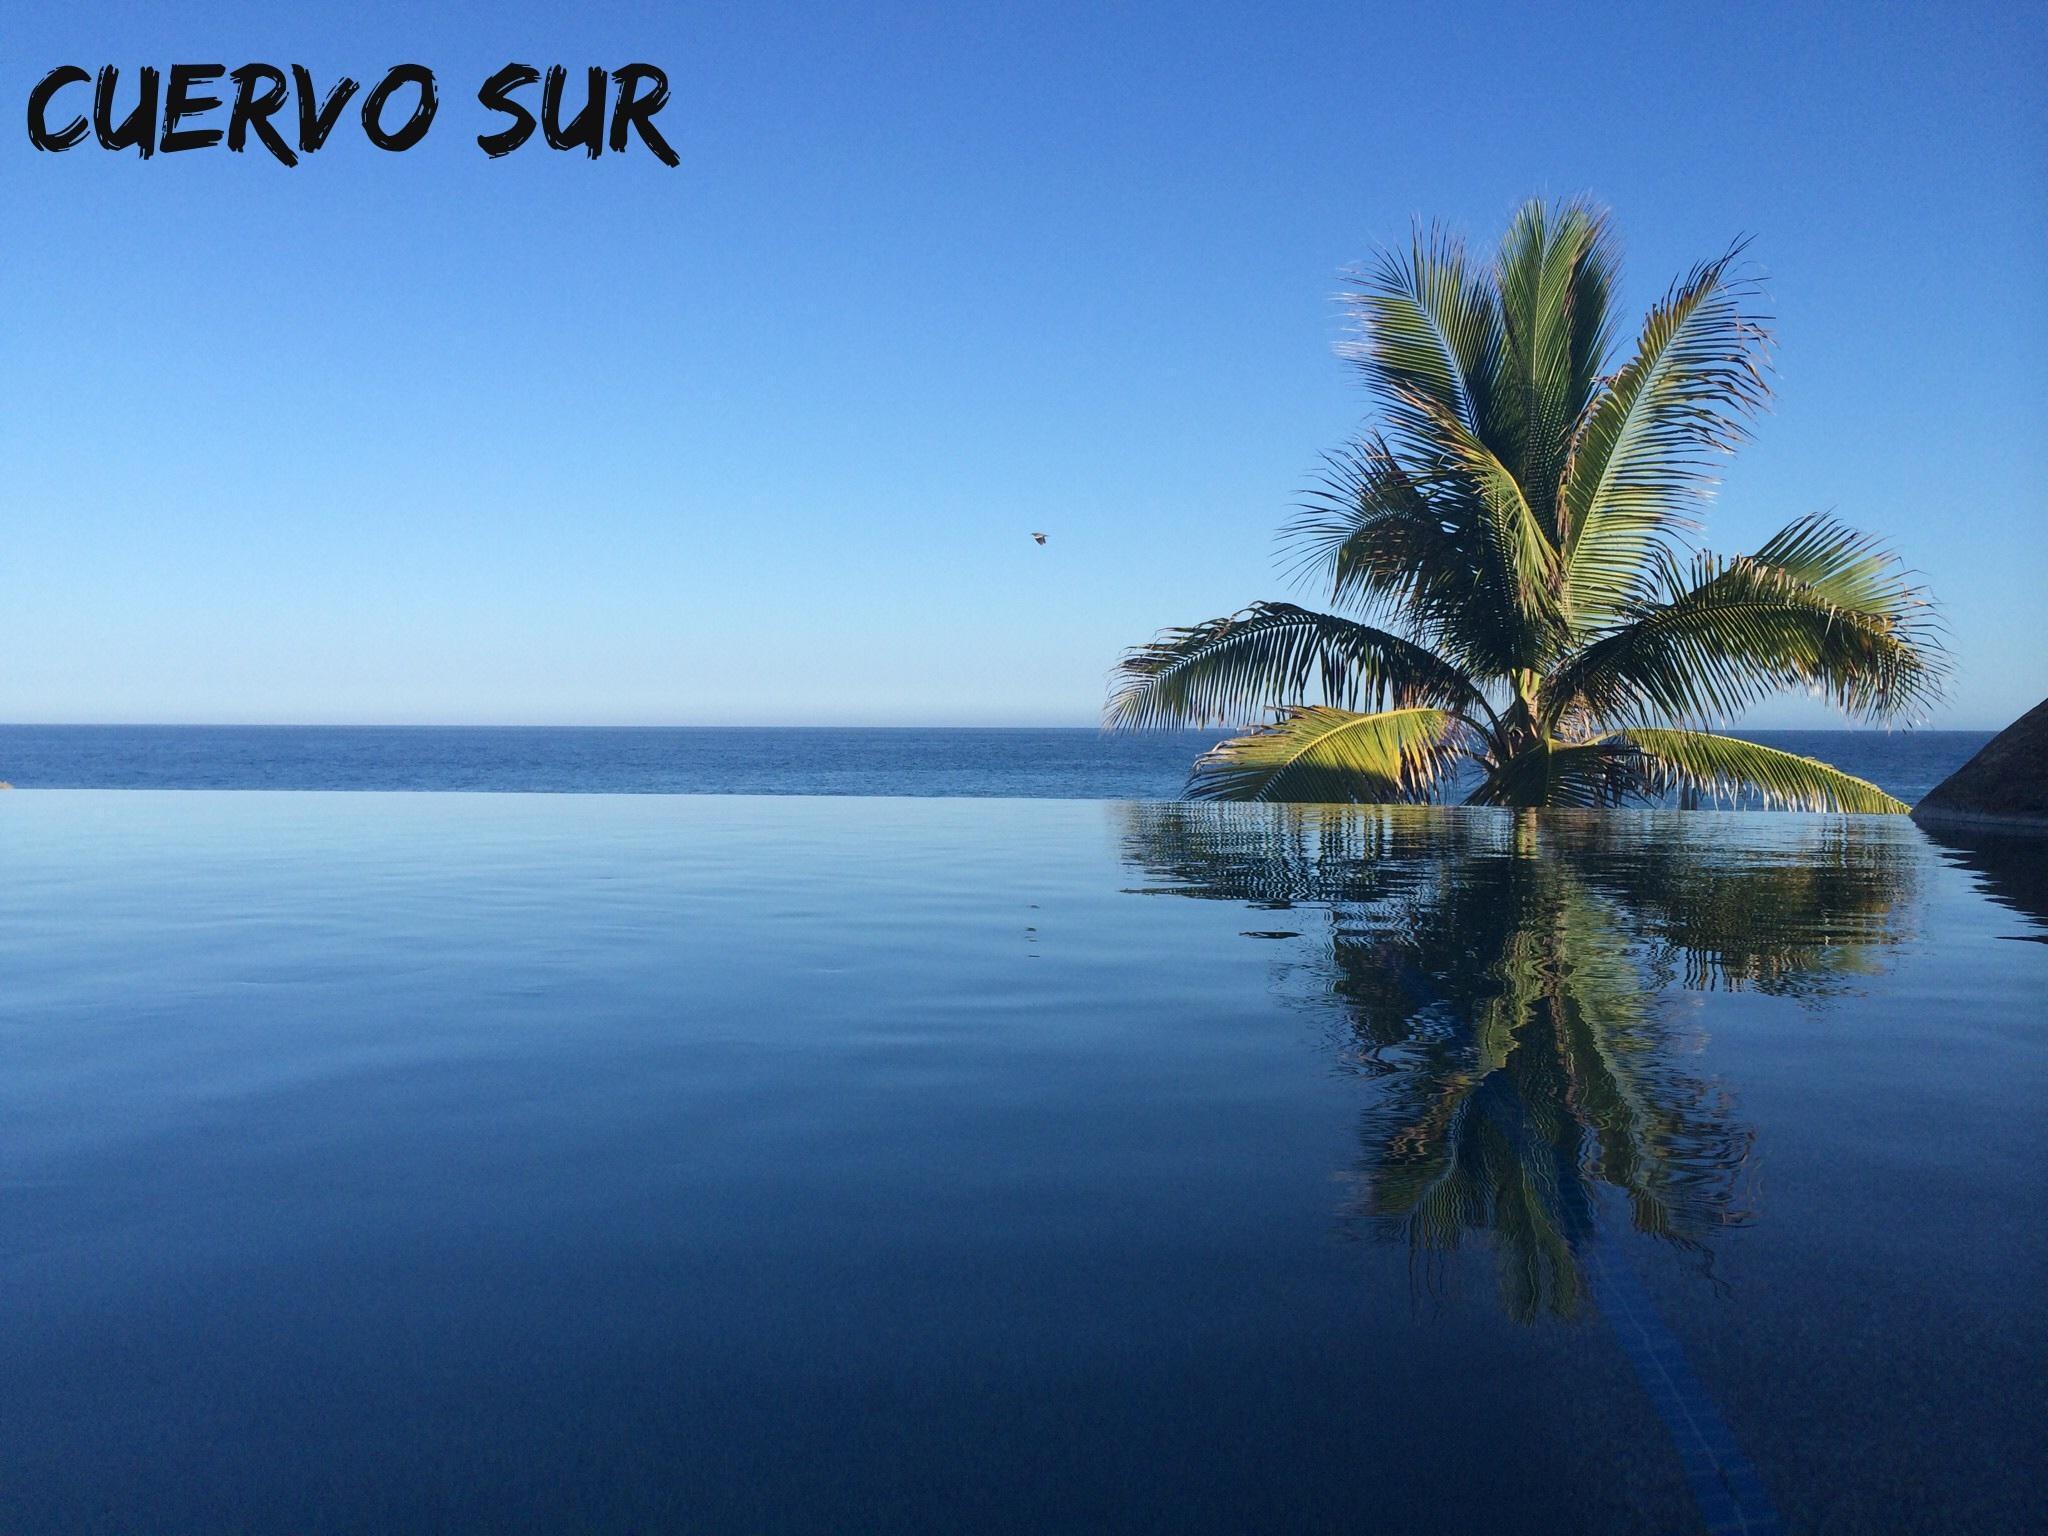 Casa Cuervo Sur-2